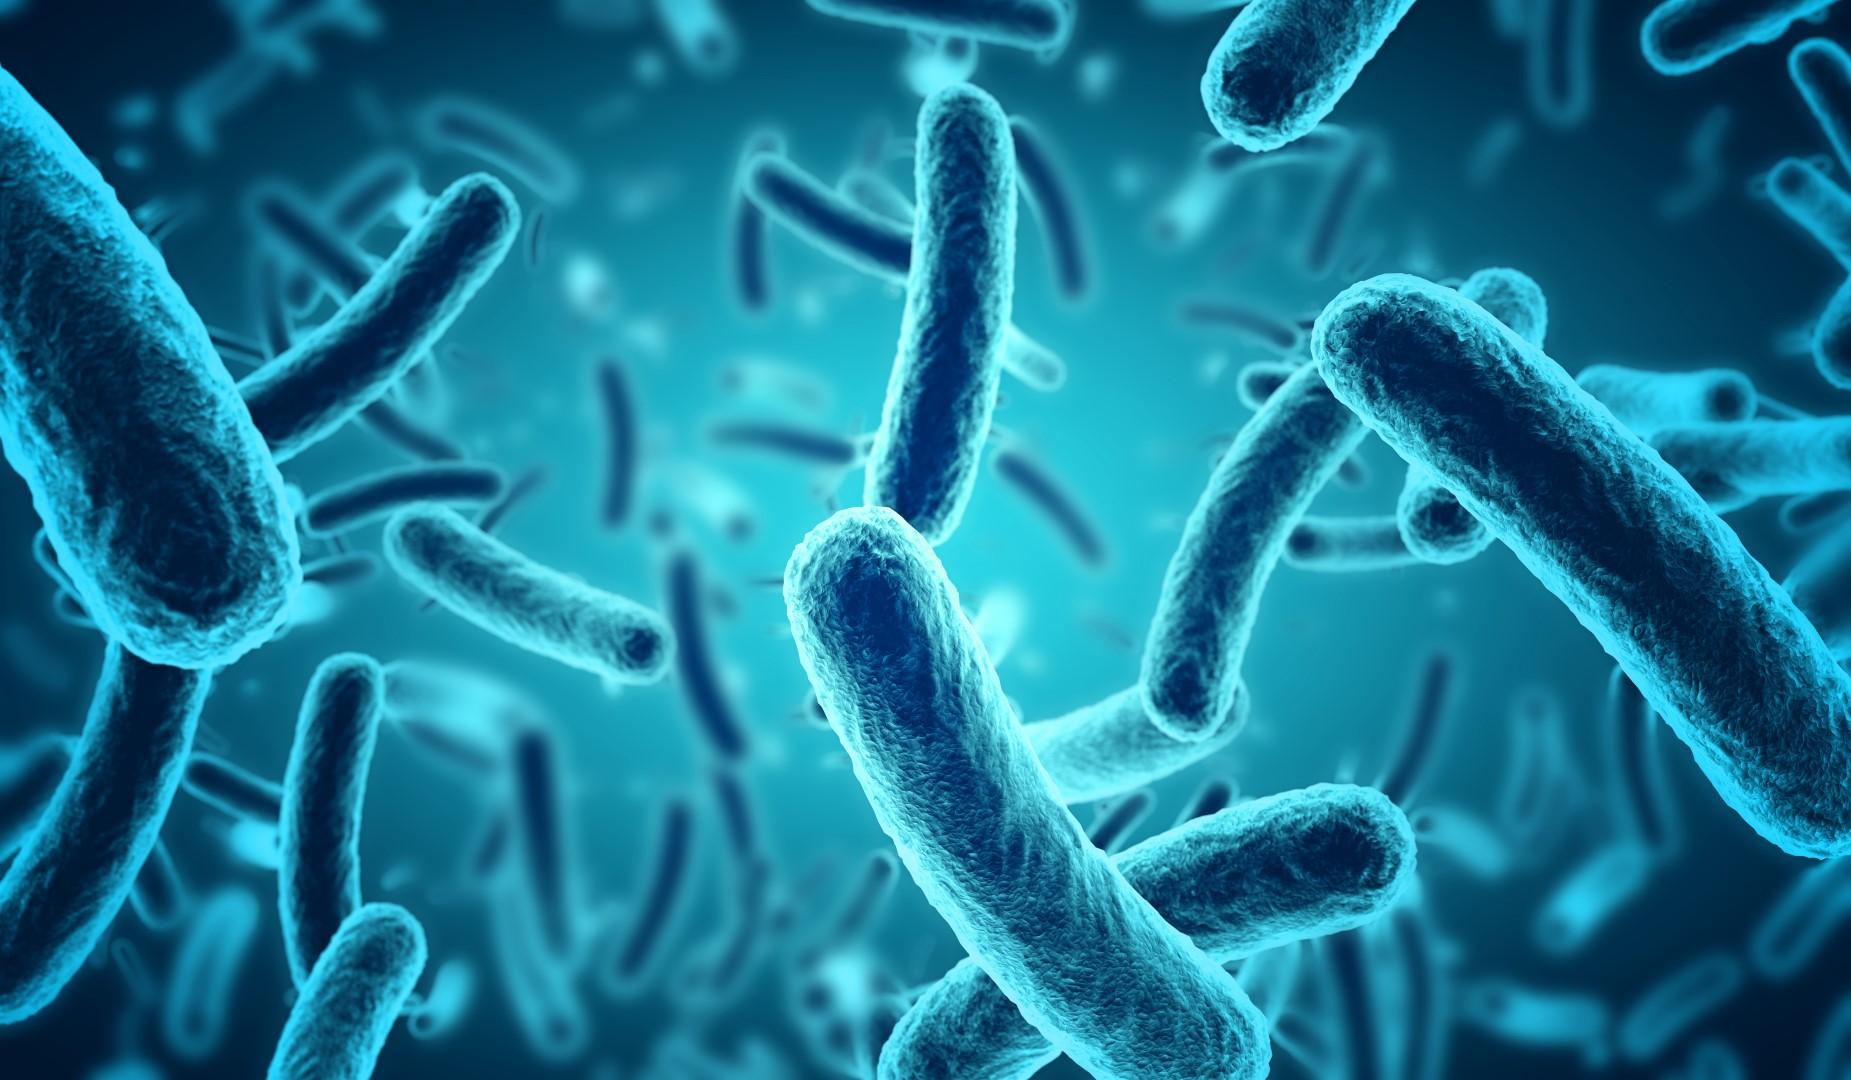 Blauwe-bacteri%C3%ABn.jpg